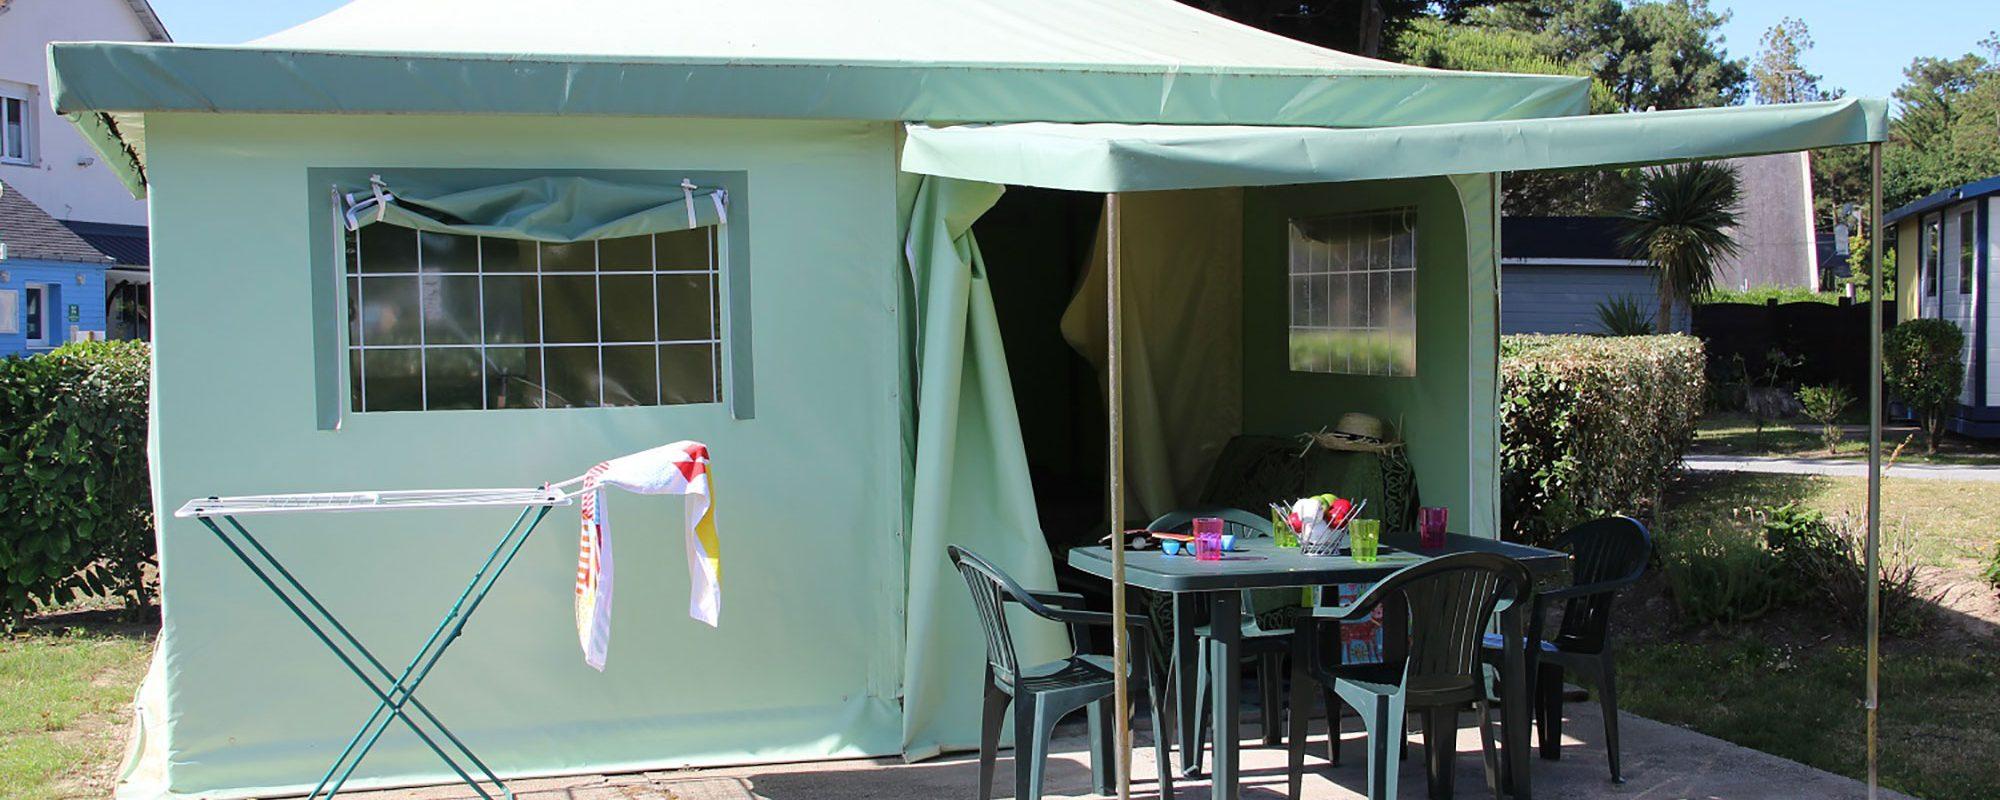 Location de tente éole 4 personnes à Guérande